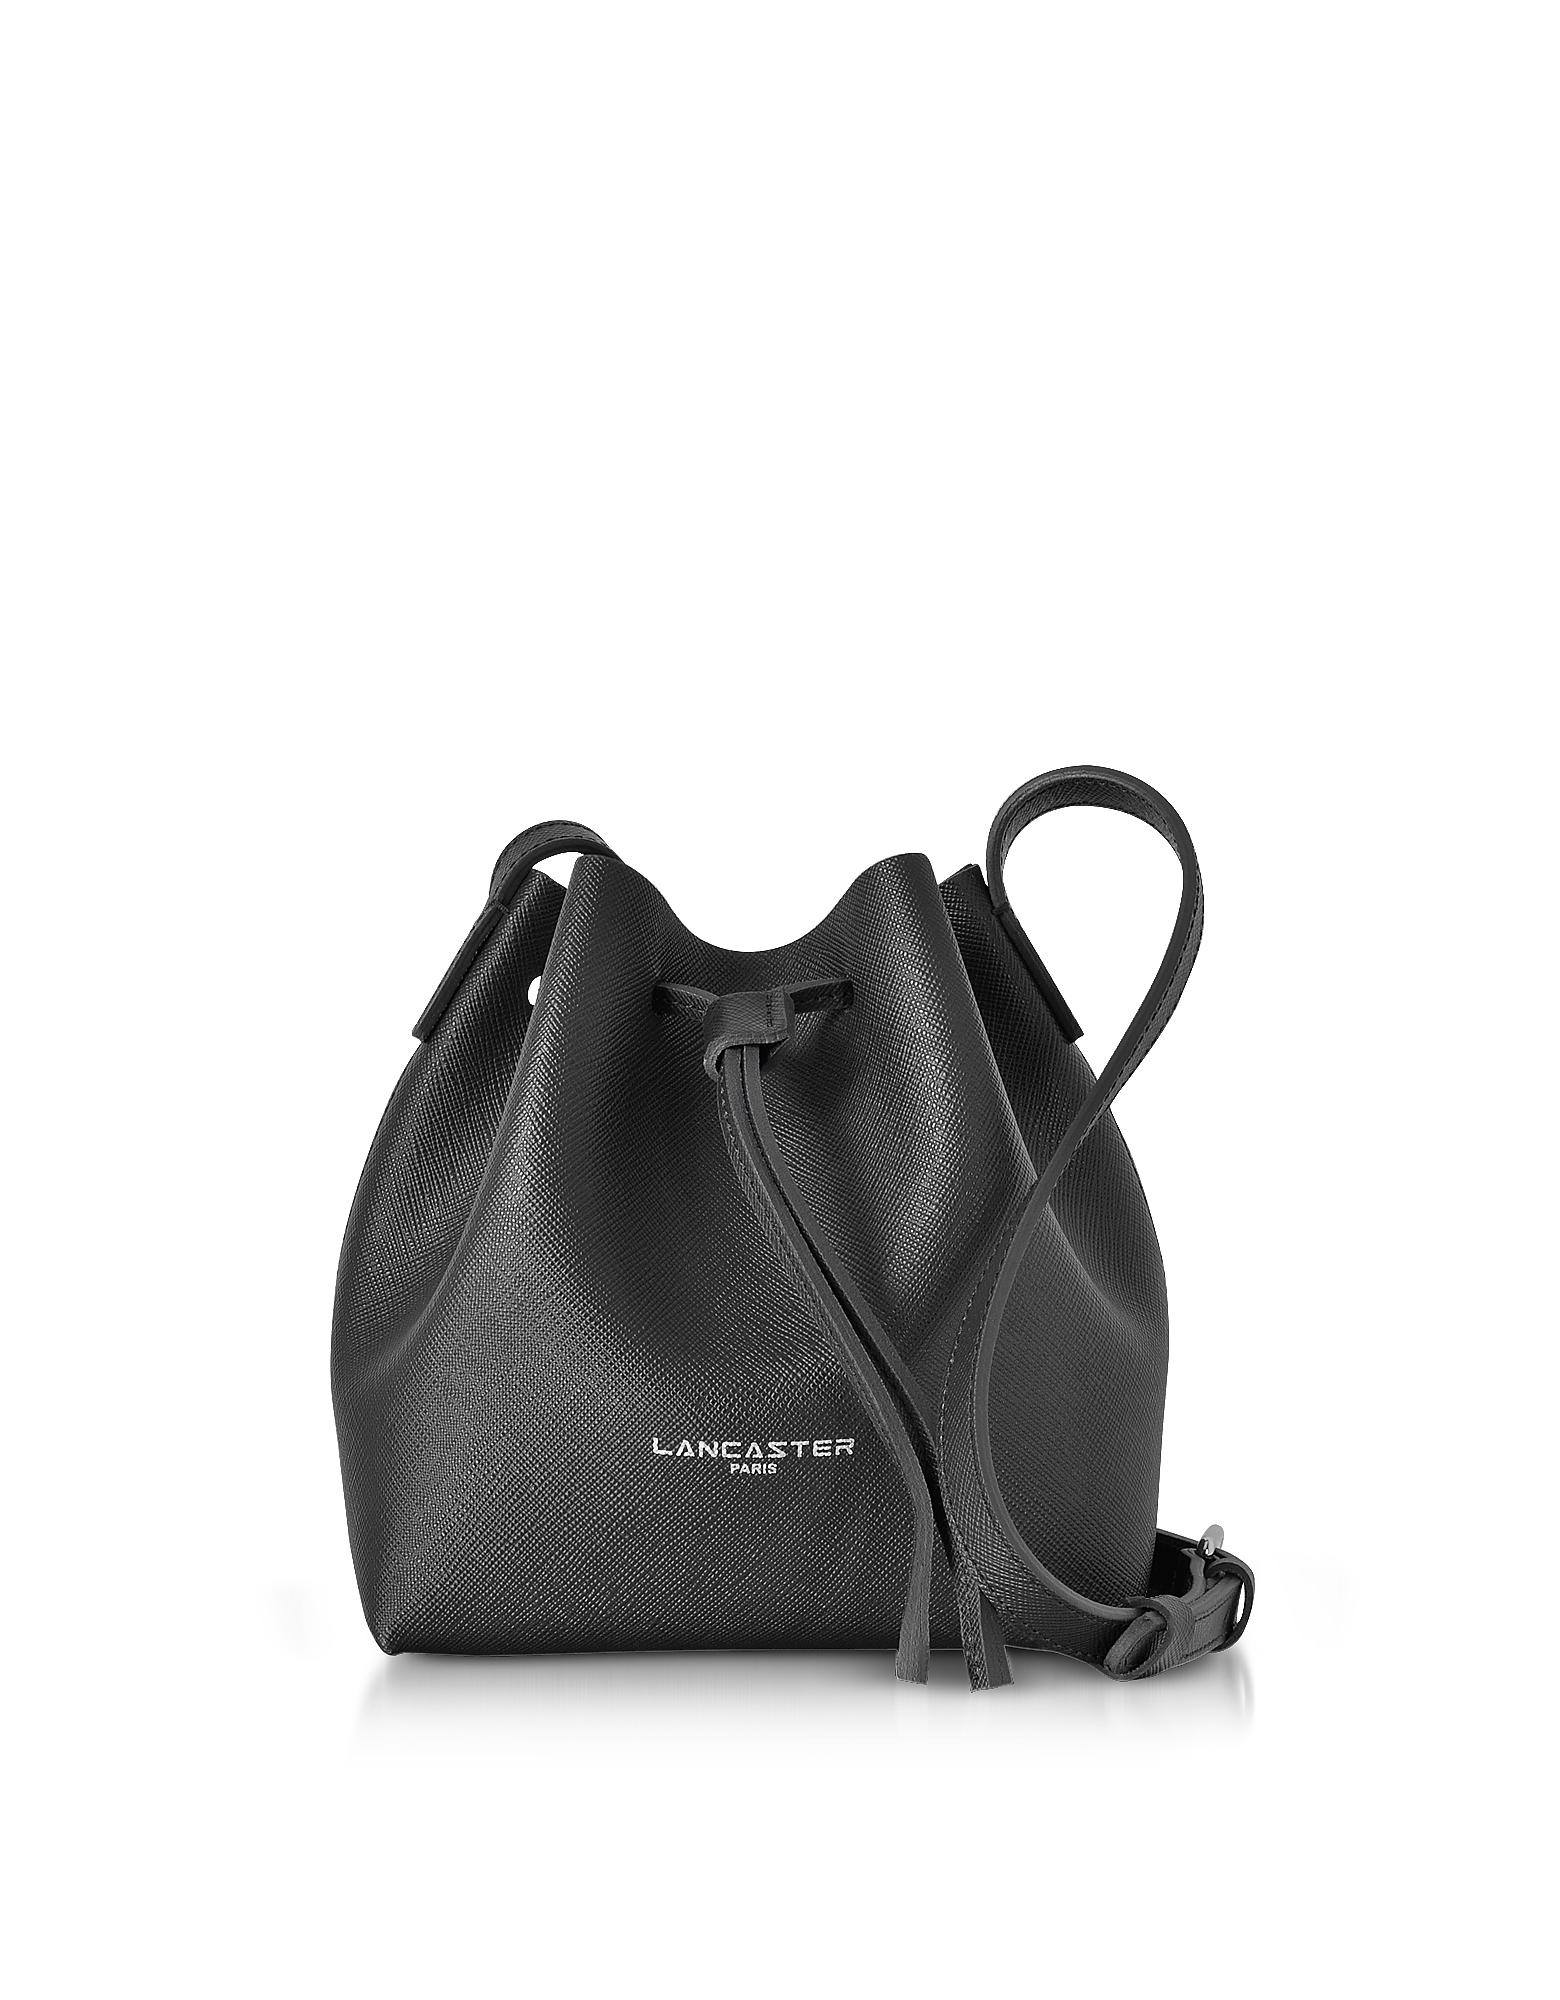 Lancaster Paris Handbags, Pur & Element Saffiano Leather Mini Bucket Bag